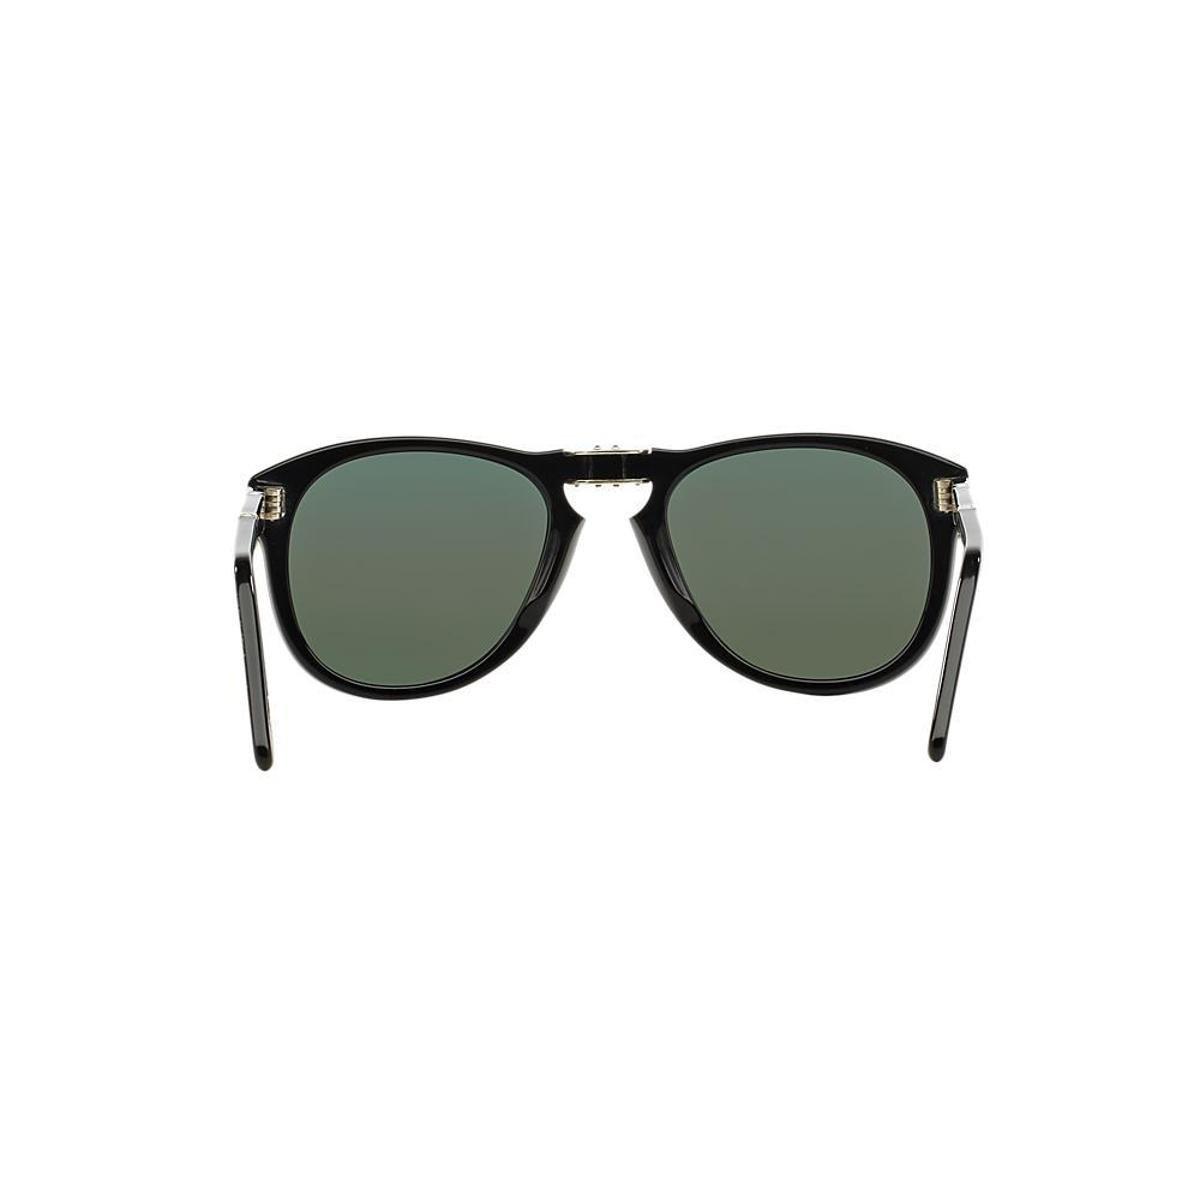 Óculos de Sol Persol Piloto PO0714 Dobrável Masculino - Compre Agora ... 31f744e5c5